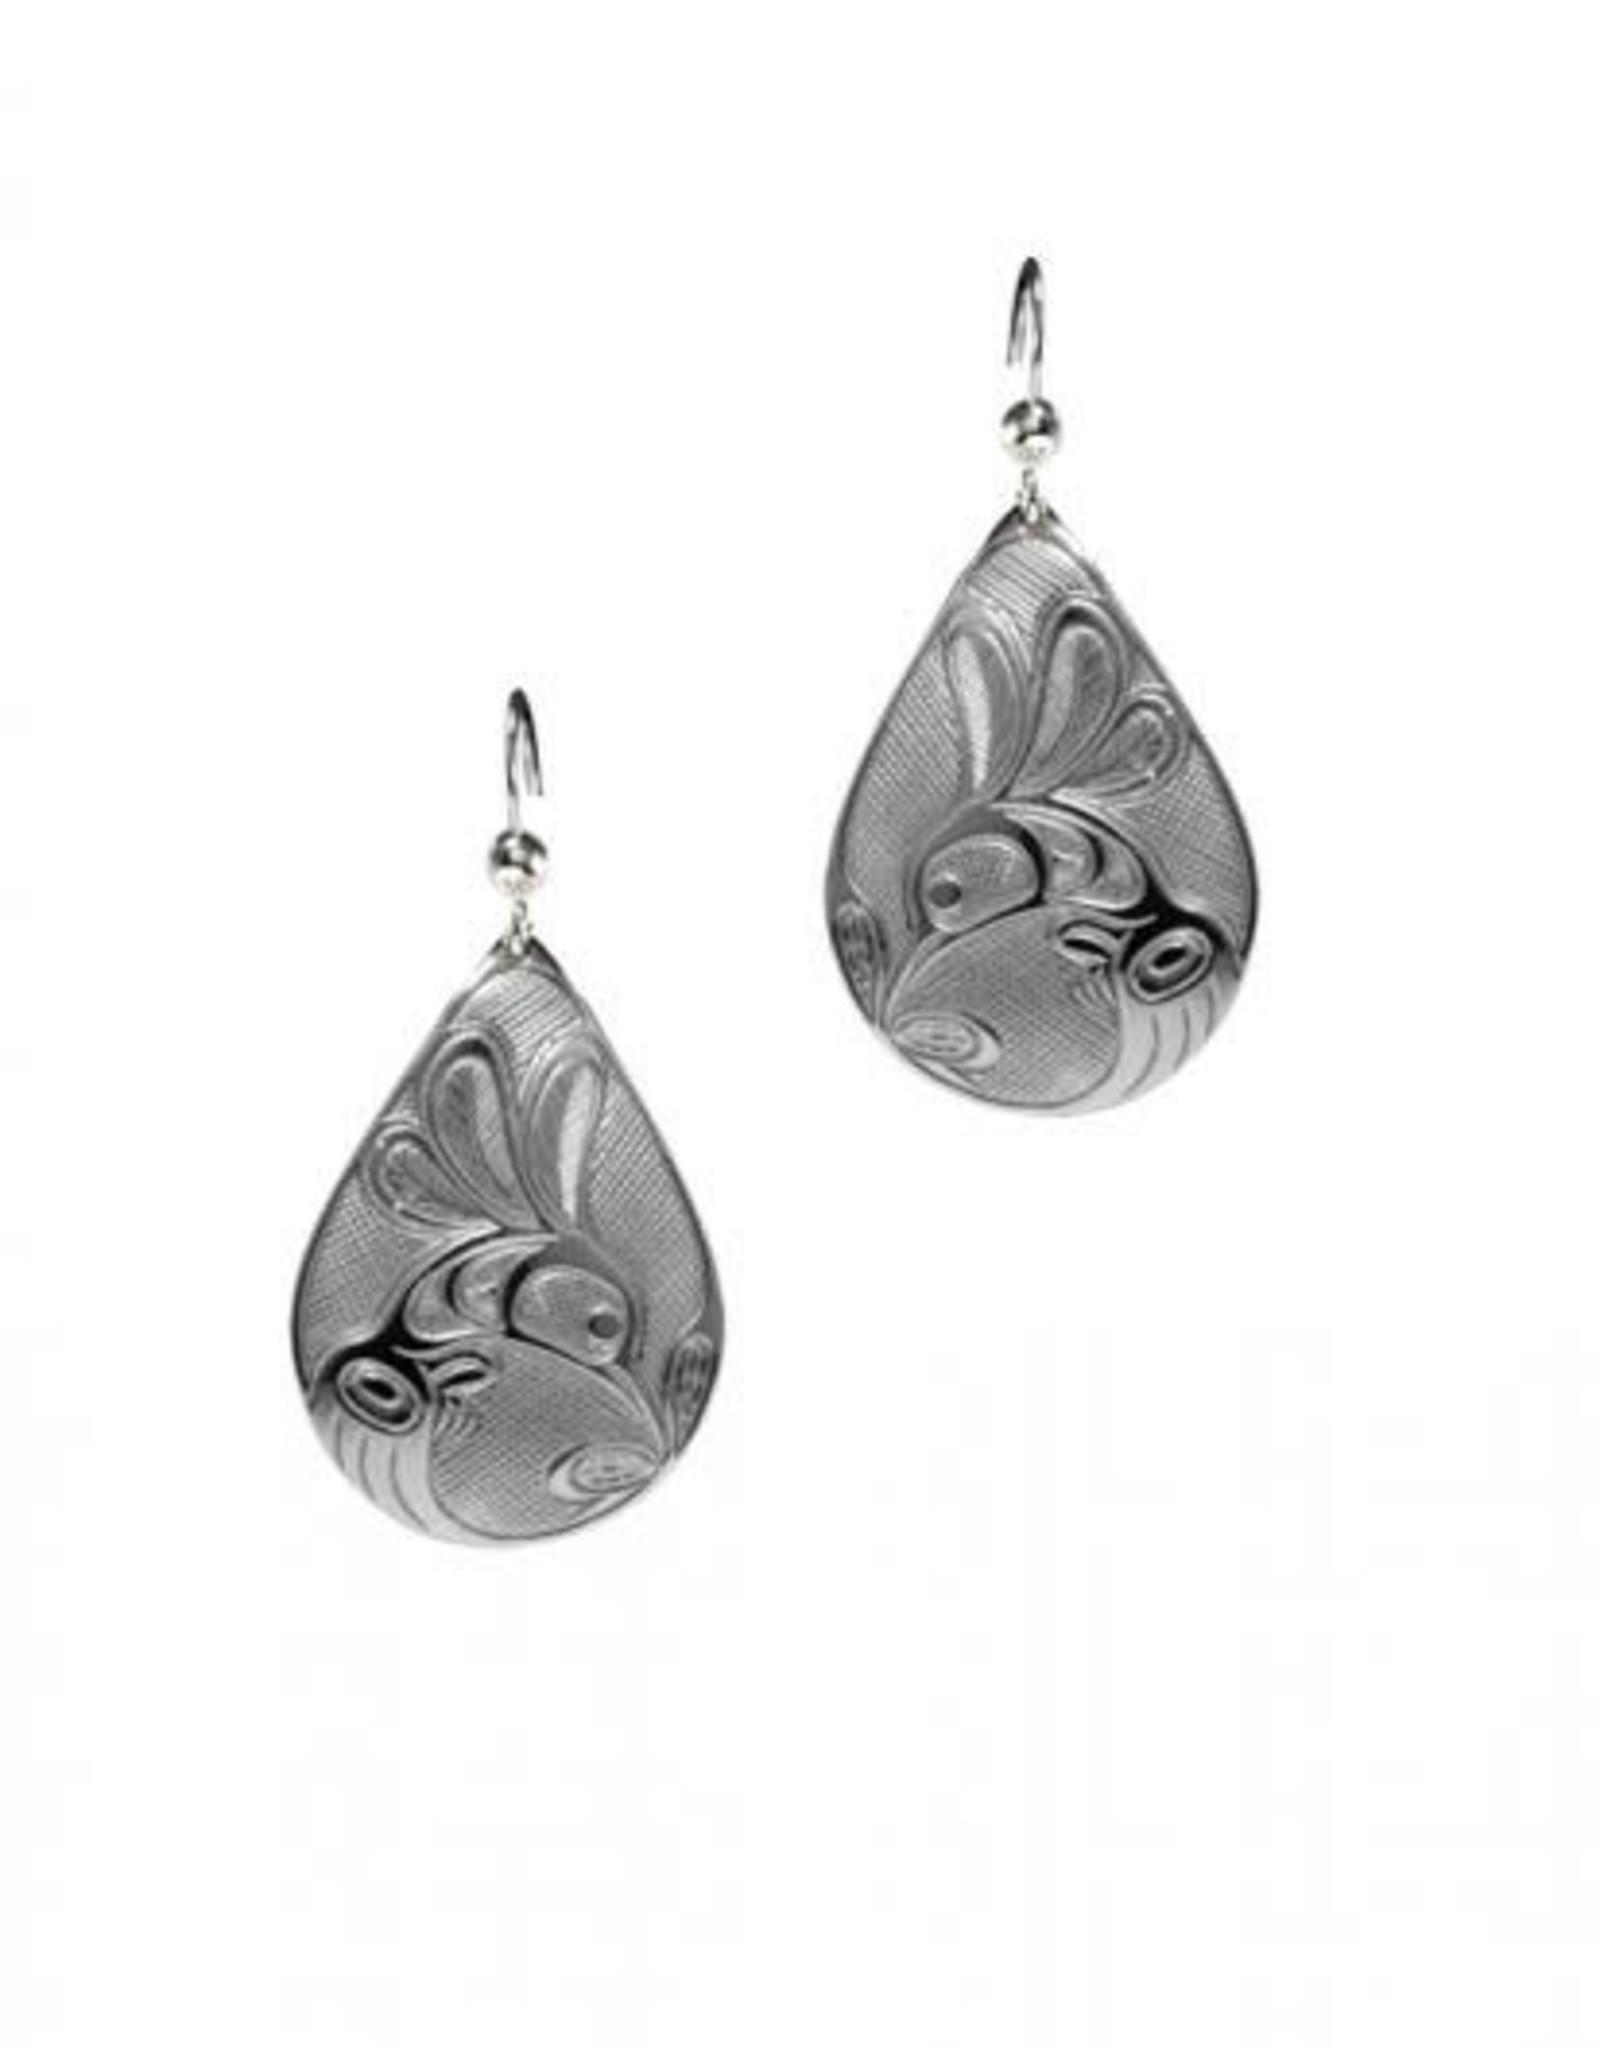 Silver Pewter Earrings - Hummingbird Teardrop